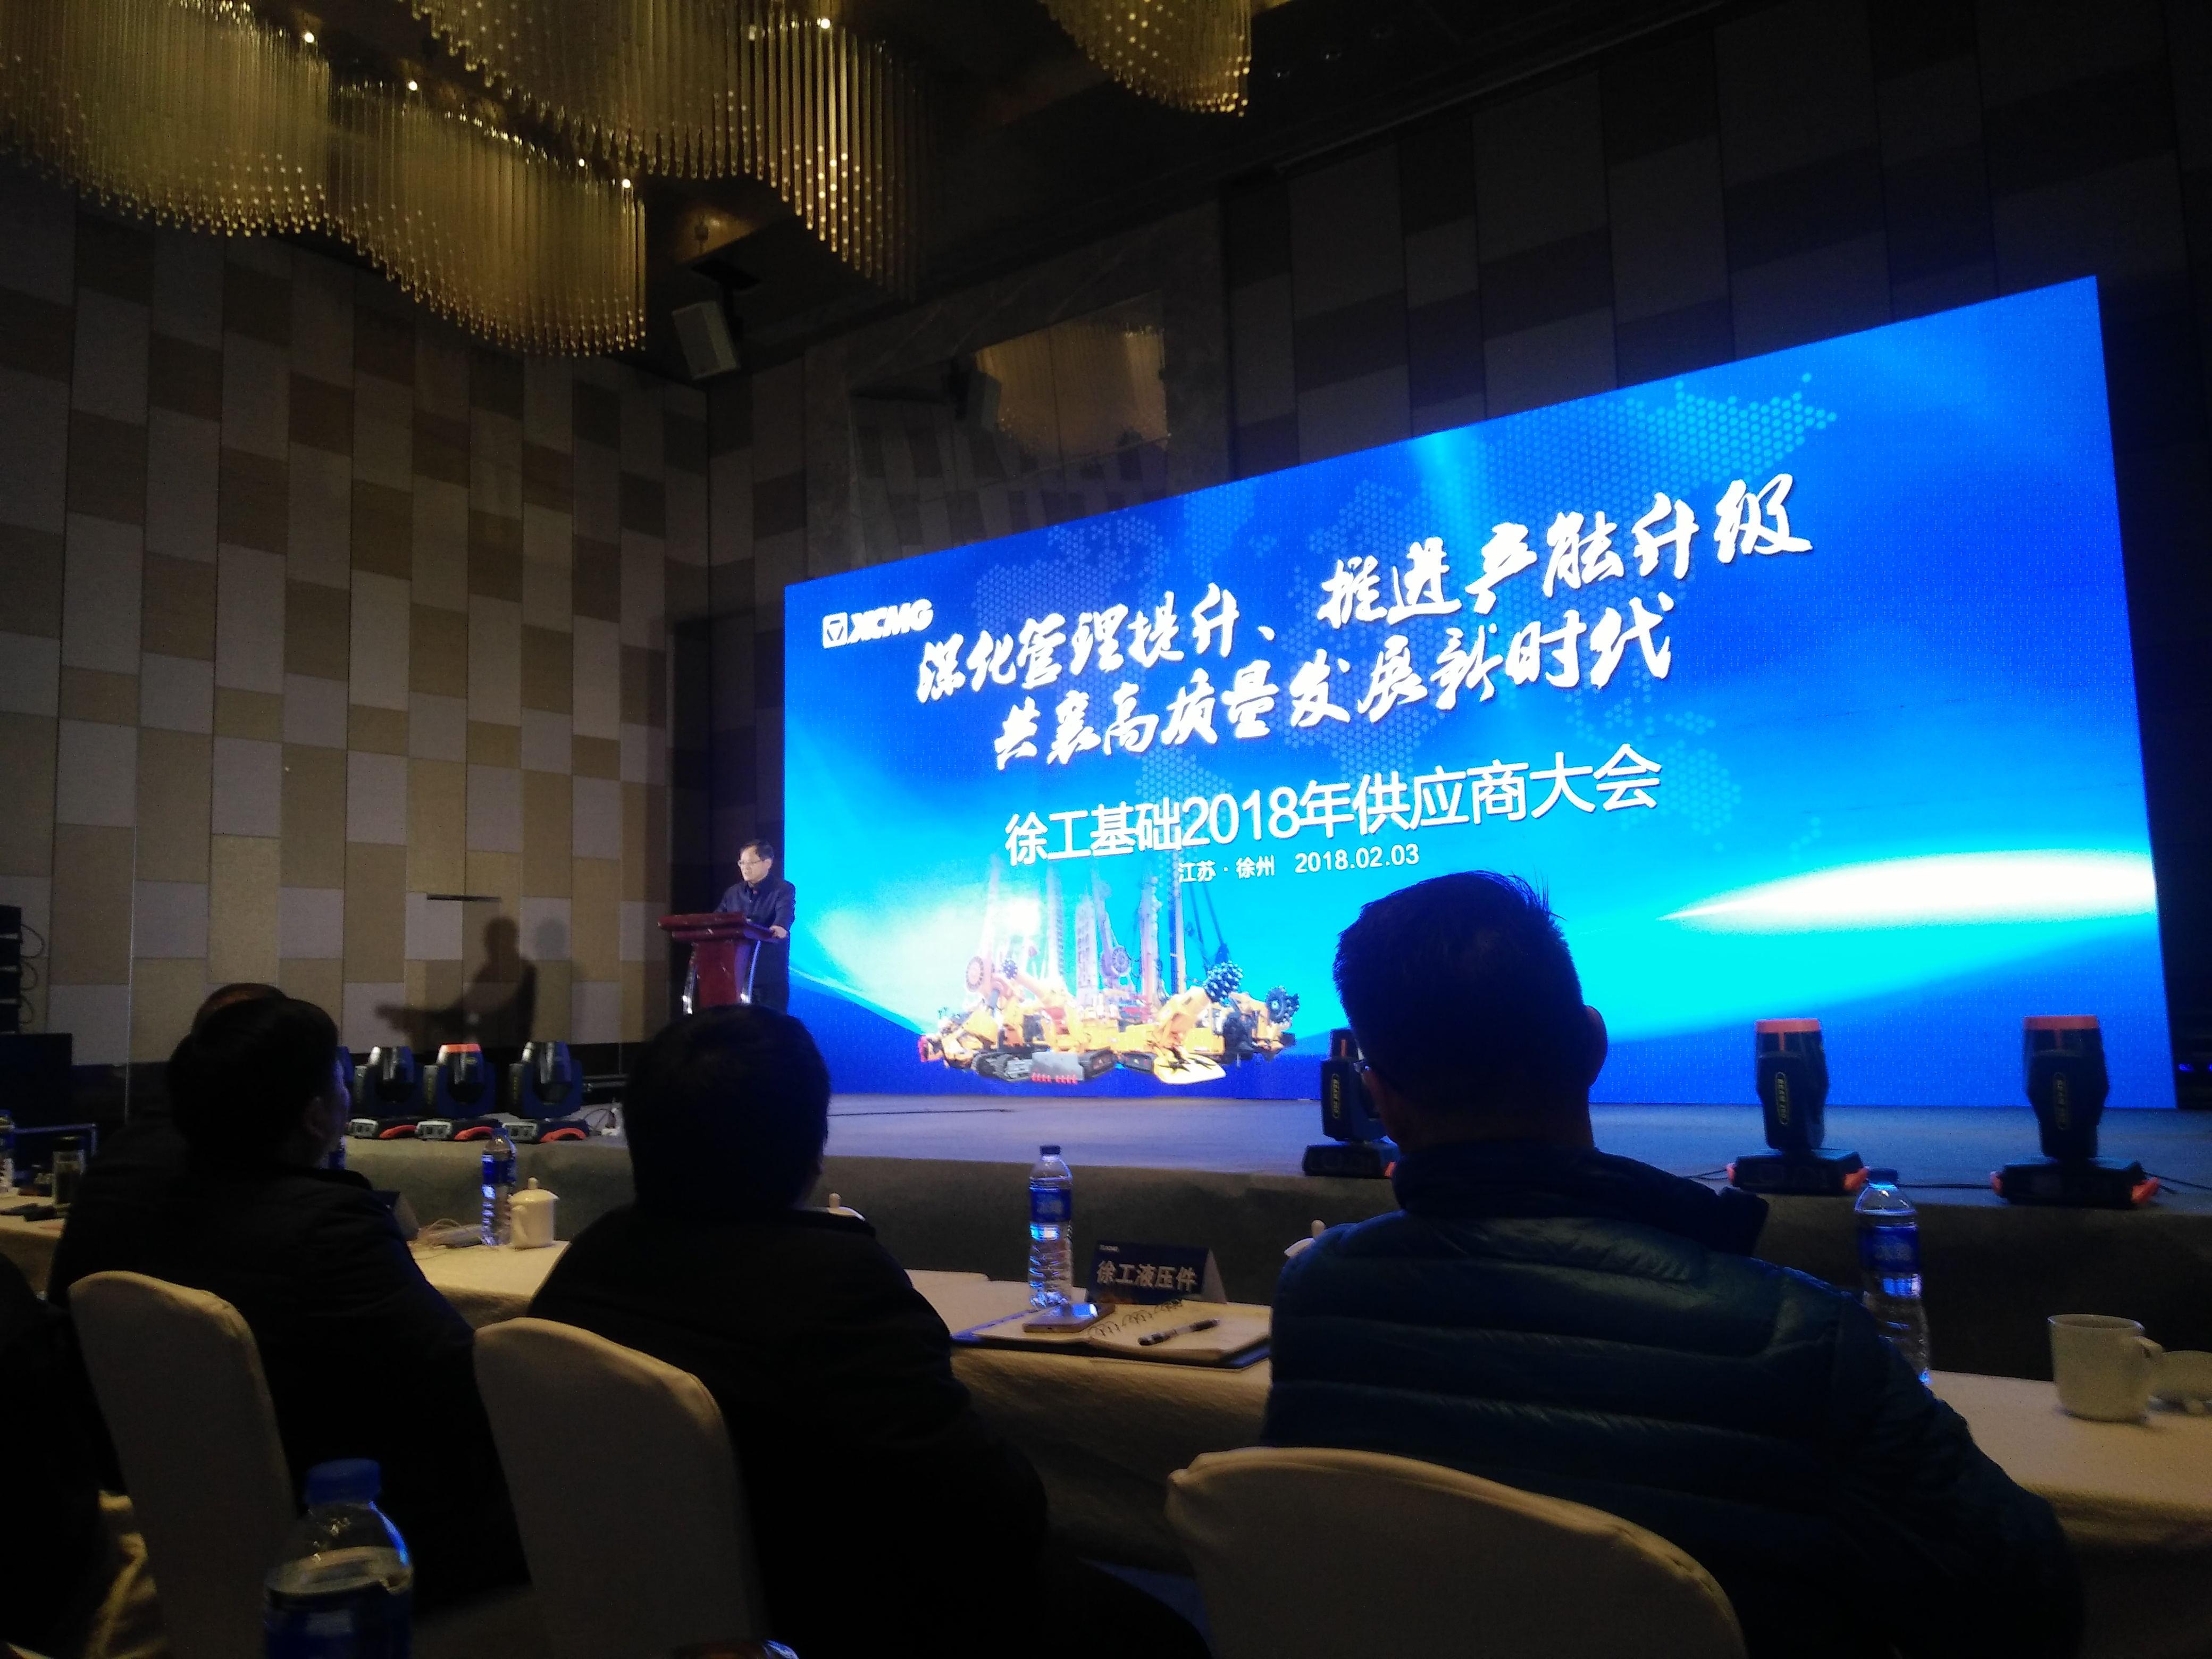 2018年,公司参加徐州徐工基础供应商年会